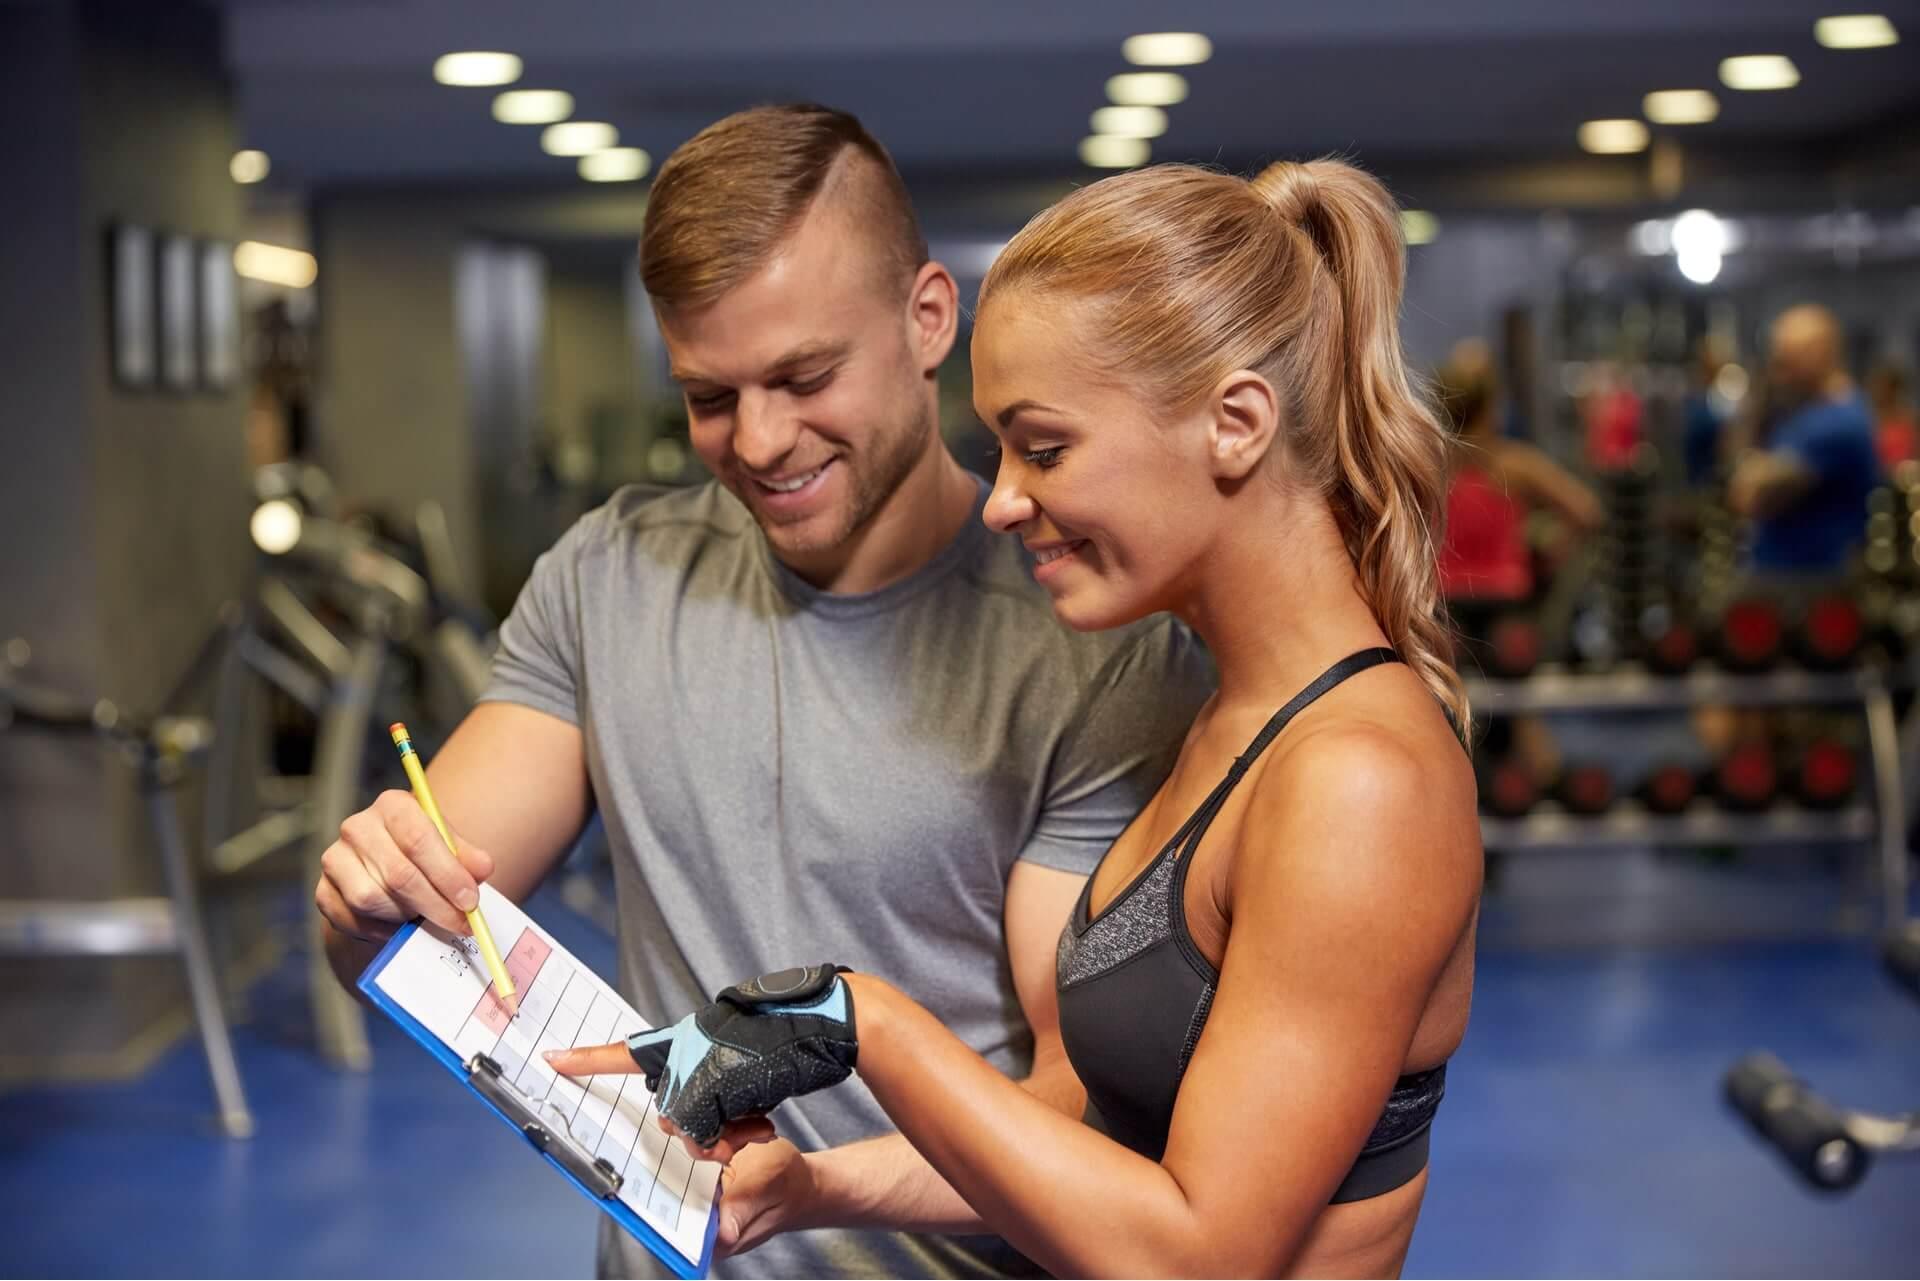 Scheda allenamento palestra